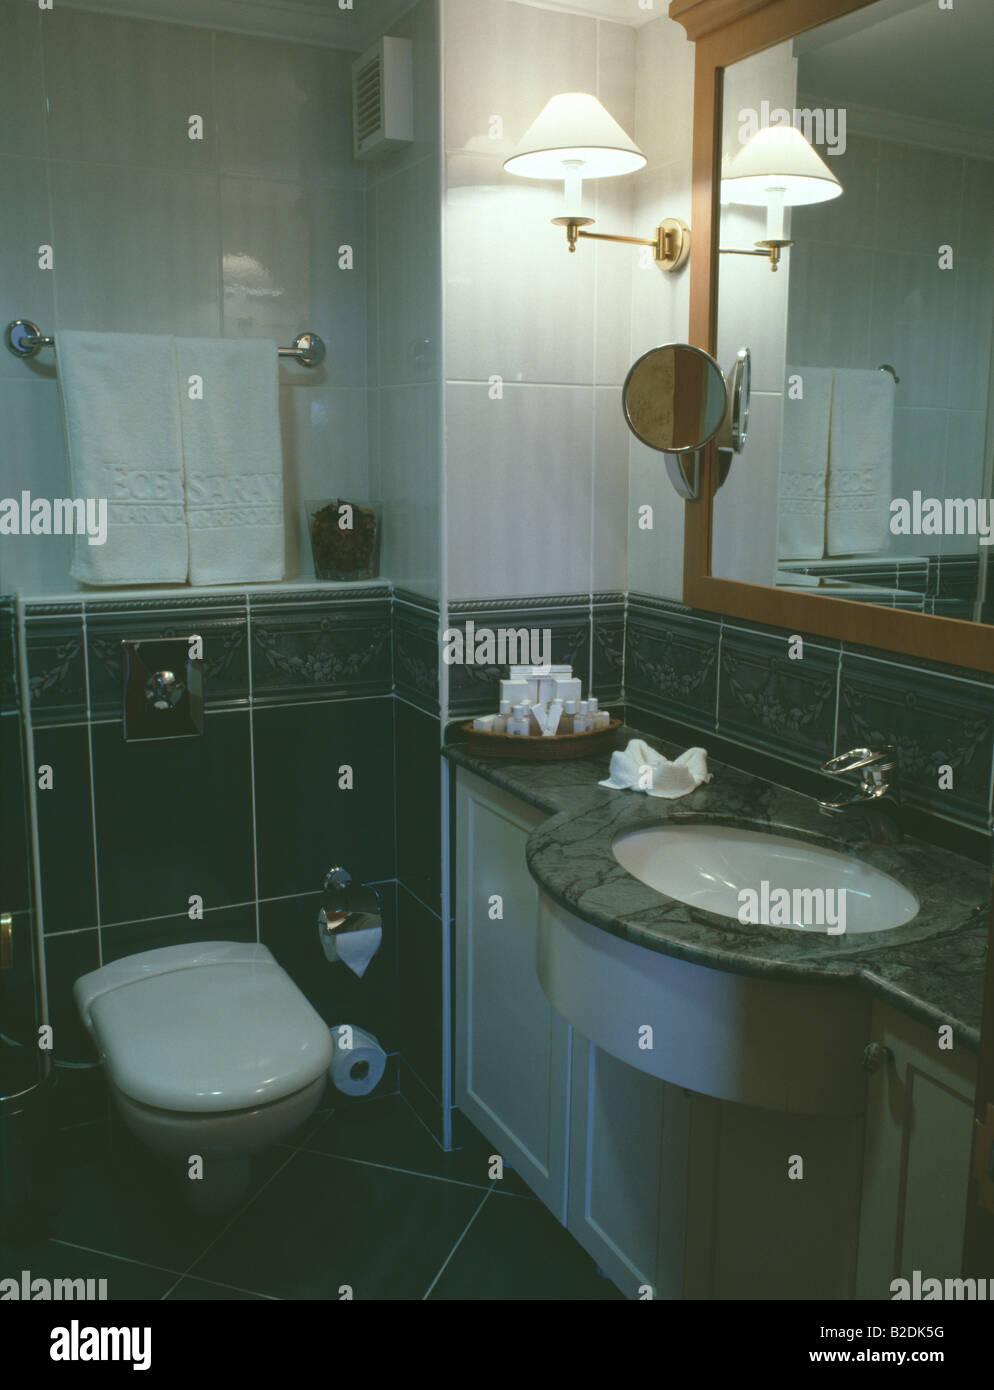 Wandleuchte Neben Spiegel Oben Unter Montiert Waschbecken Im